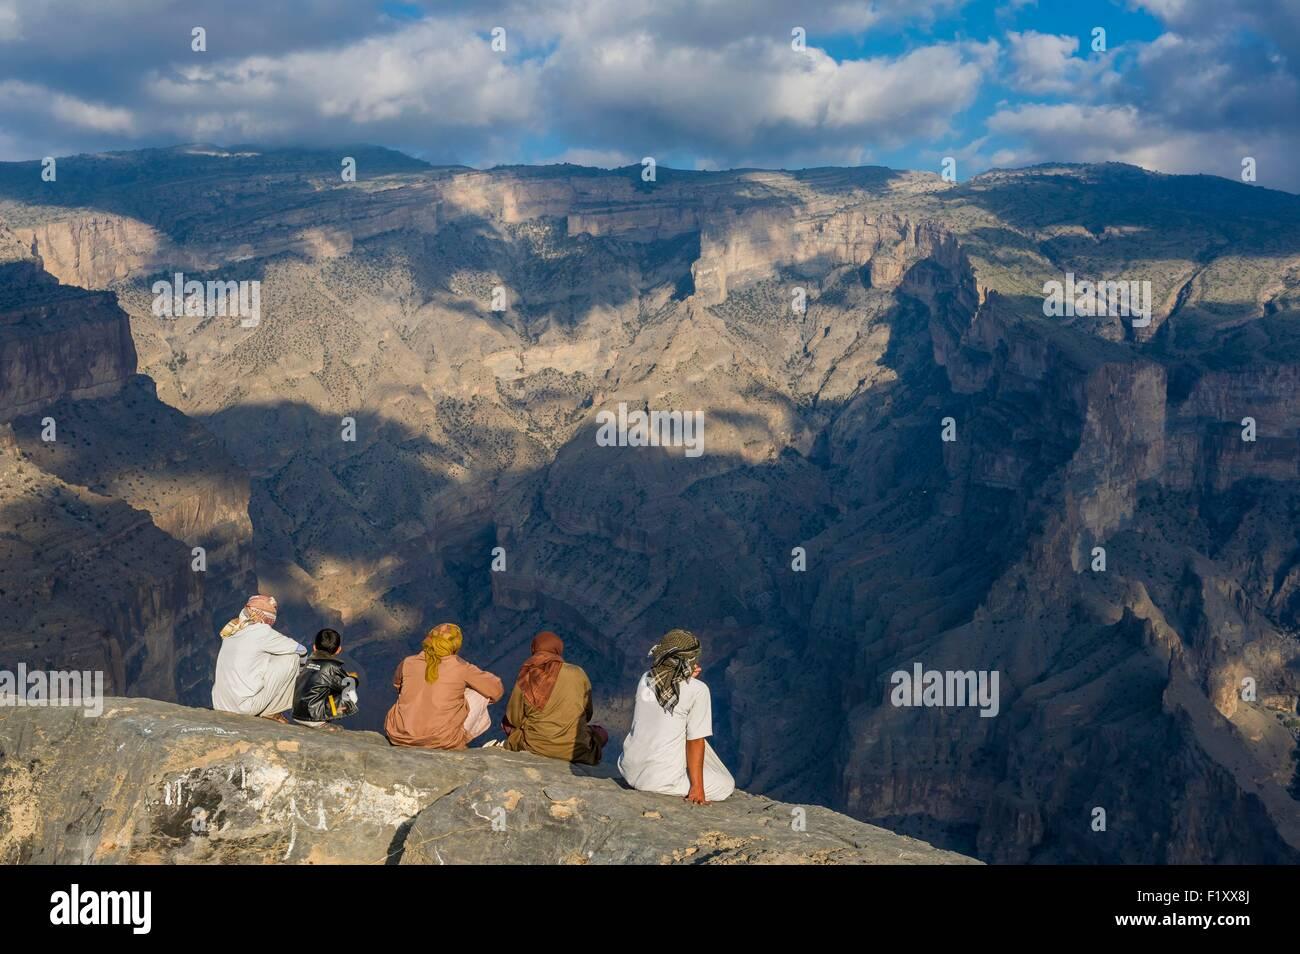 Omán, Djebel Shams, Omán Grand Canyon Imagen De Stock